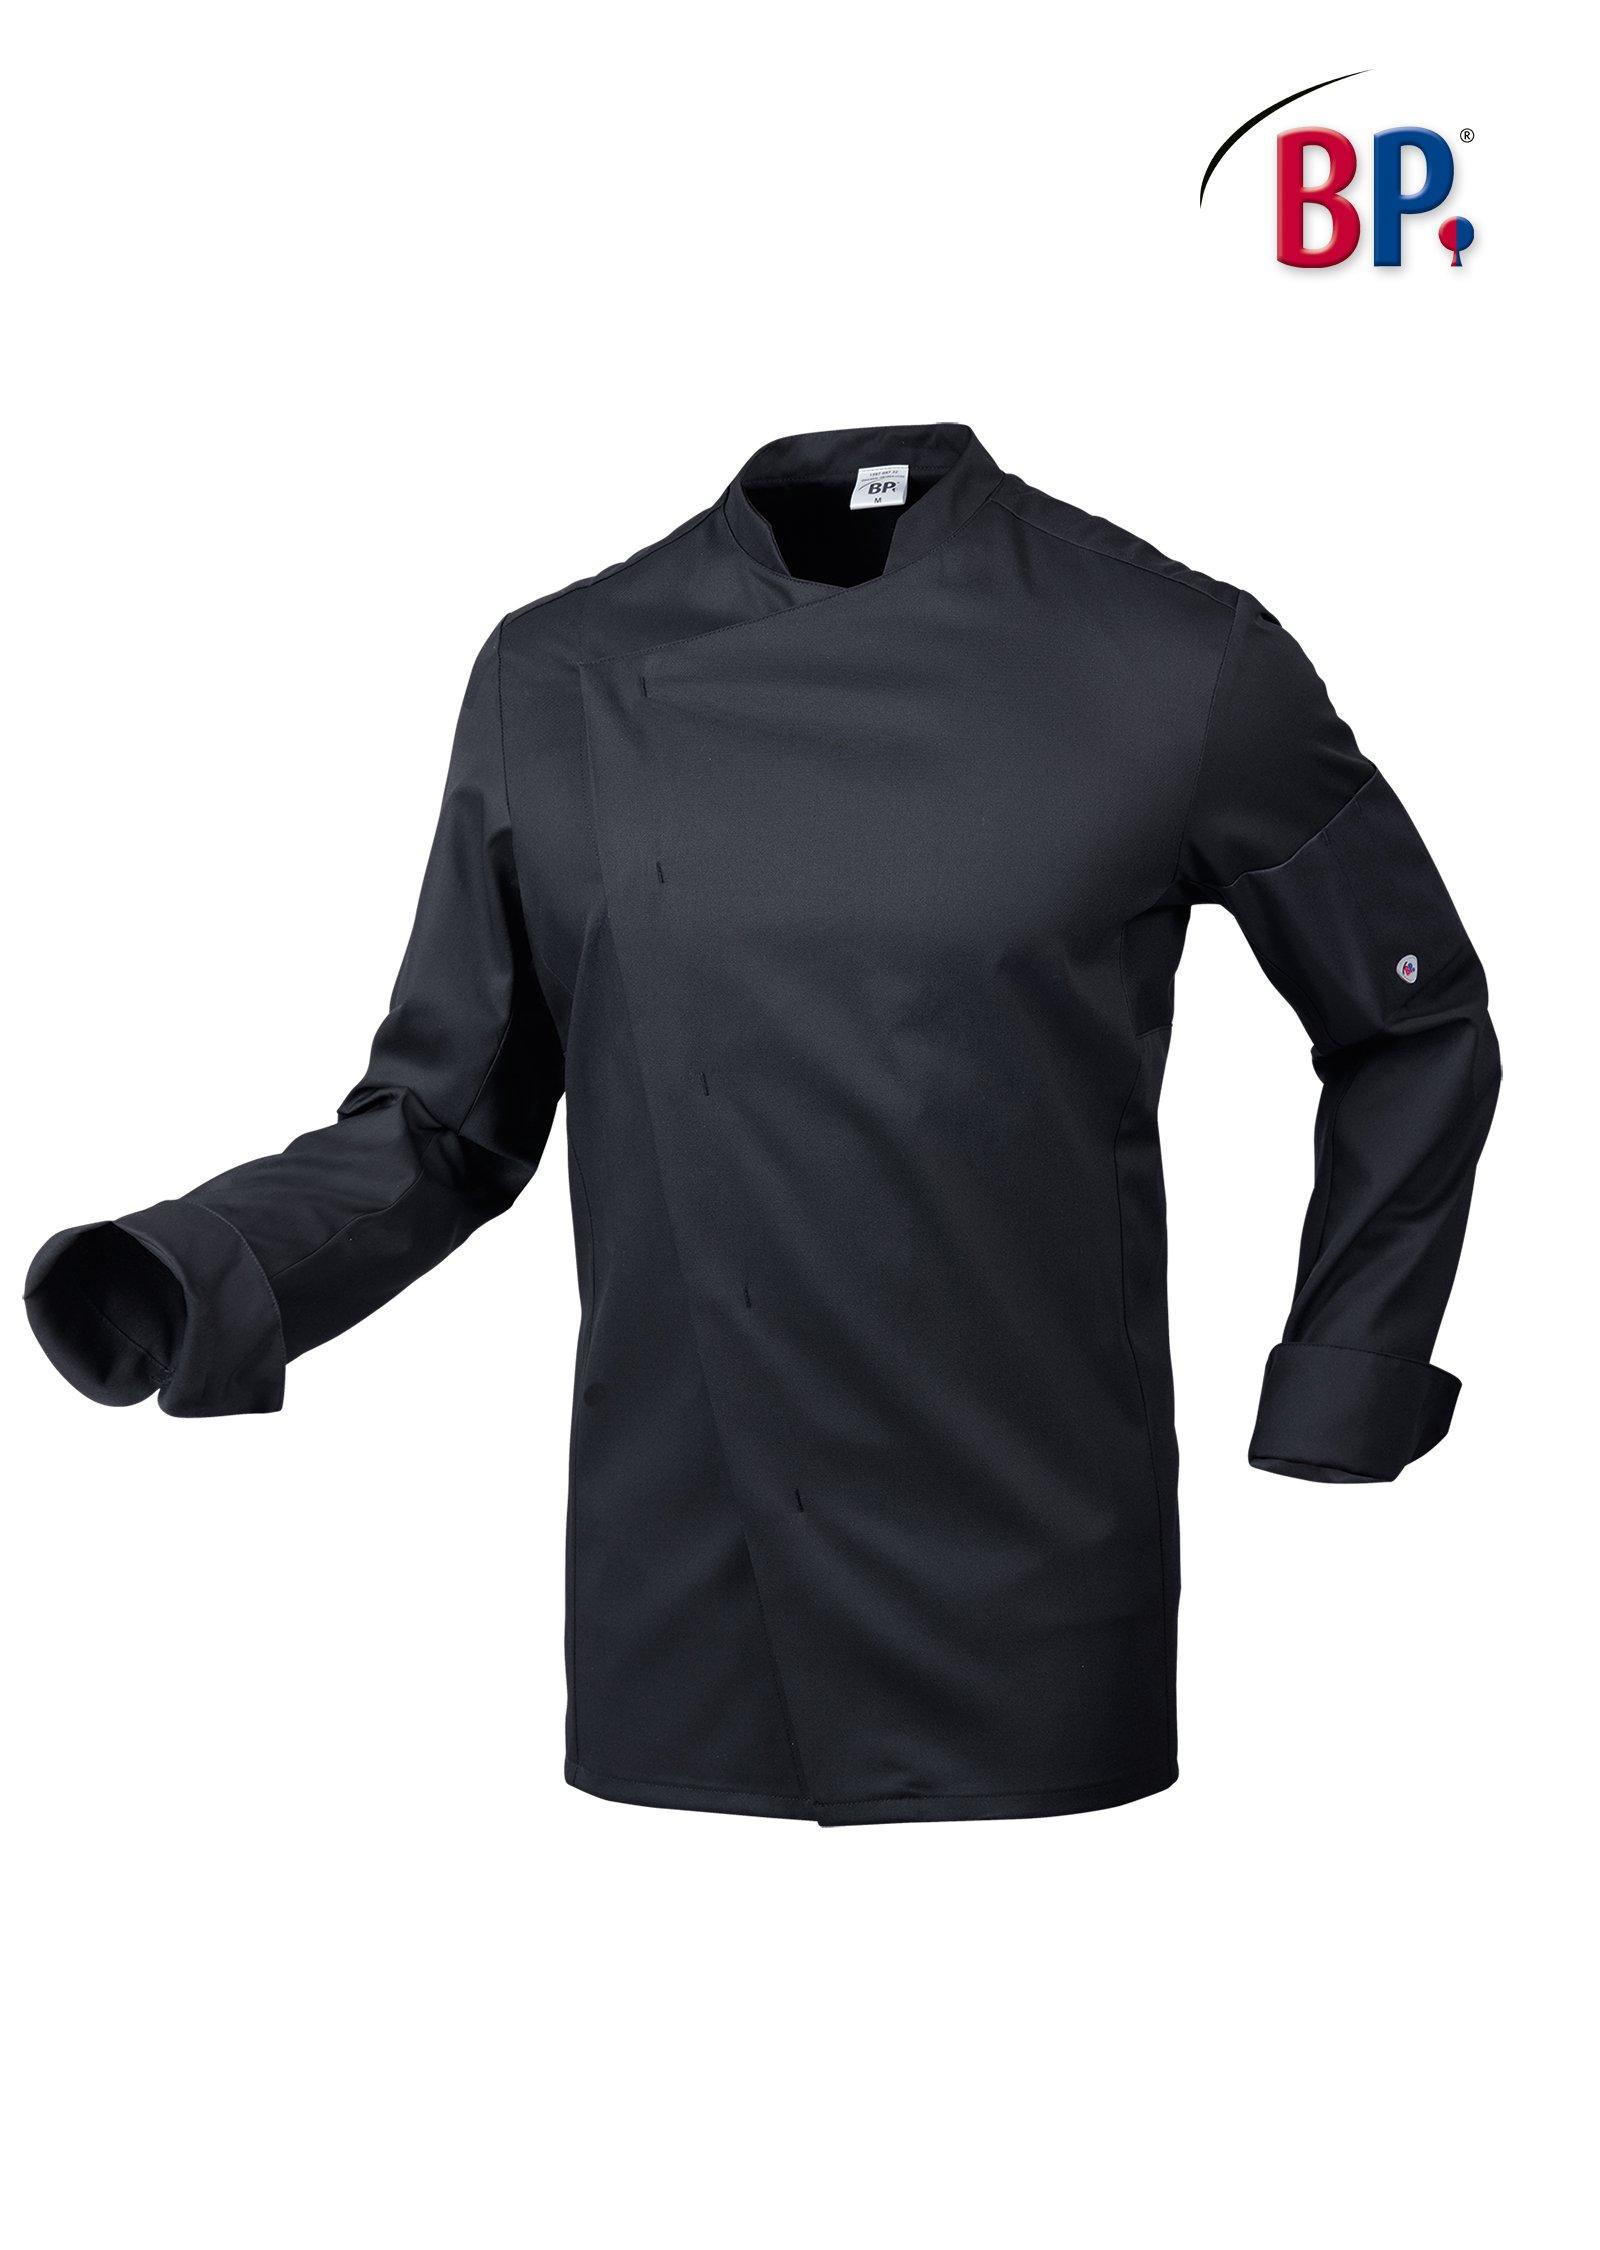 Veste de Cuisine stretch couleur noire pour homme